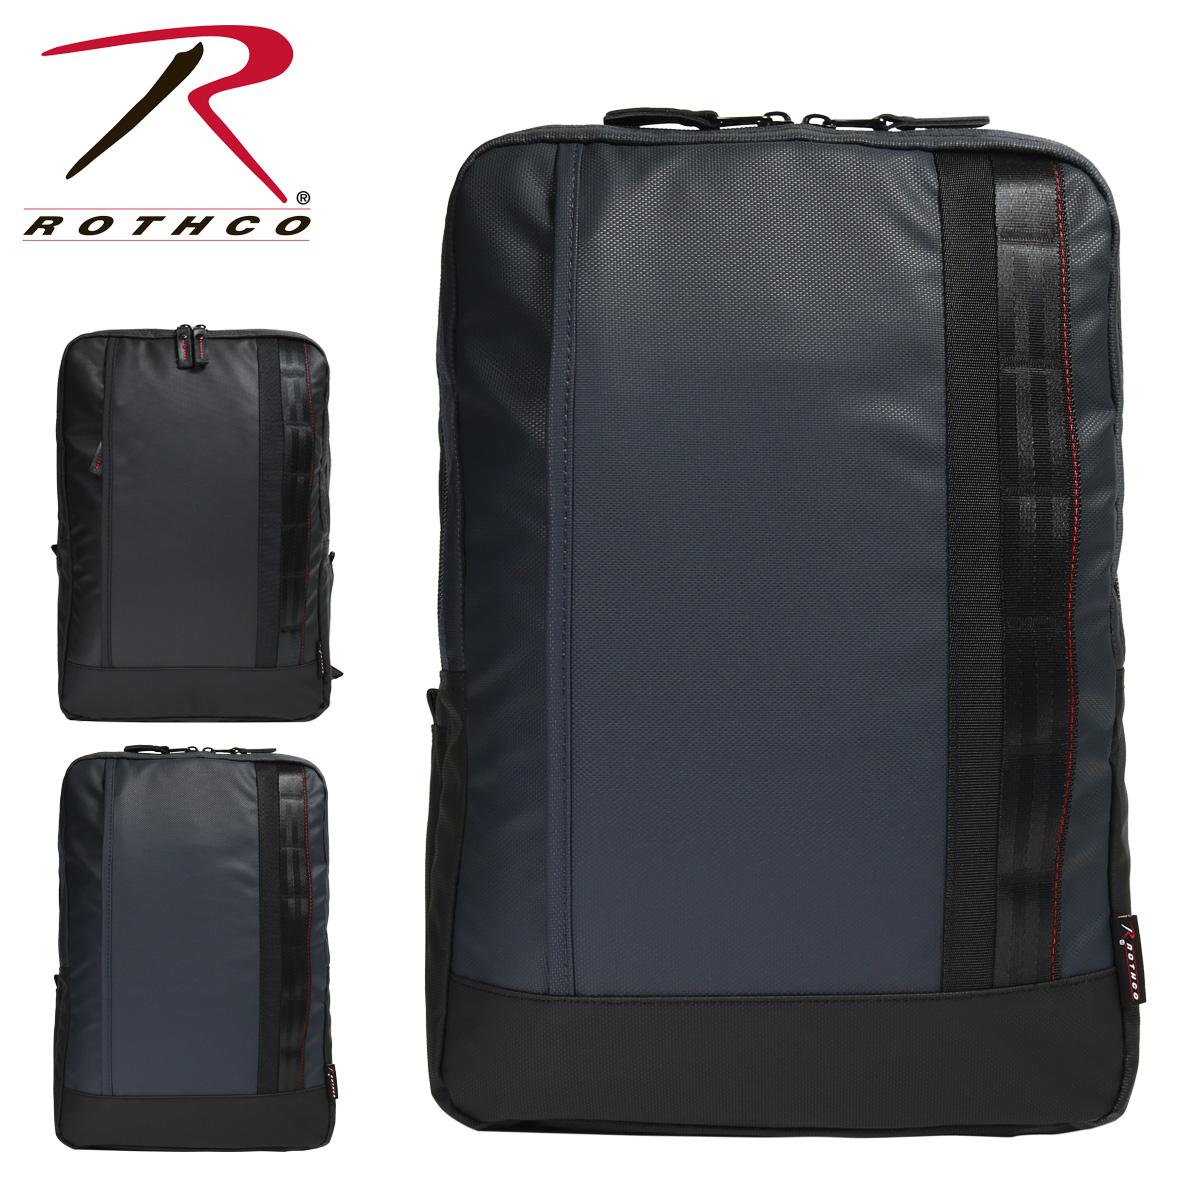 ロスコ ビジネスリュック B4 レッドライン メンズ 45007 ROTHCO | ビジネスバッグ 撥水 大容量[PO10]